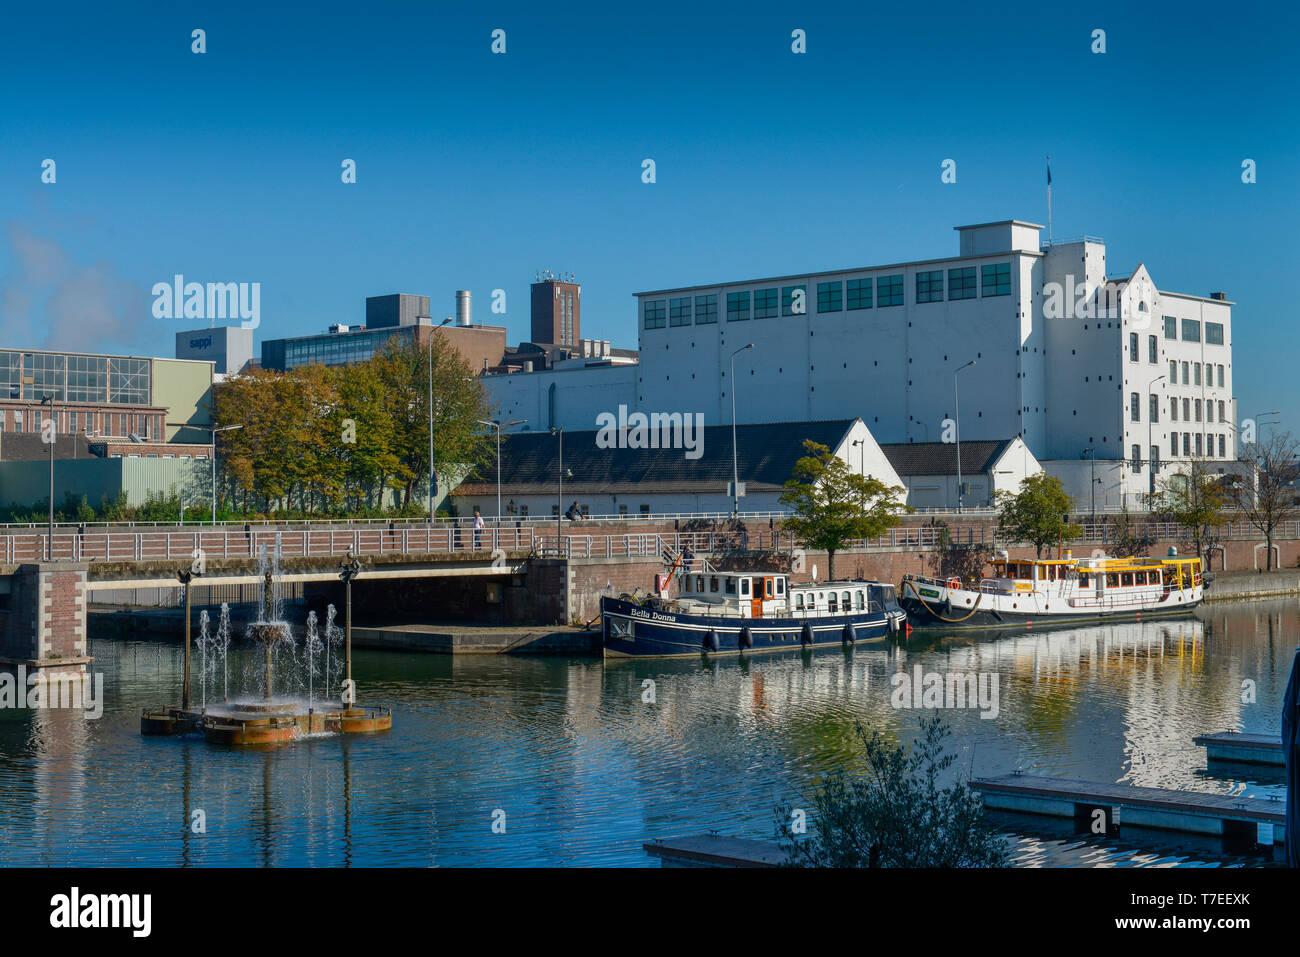 Binnenhafen Bassin, Maastricht, Niederlande Stock Photo